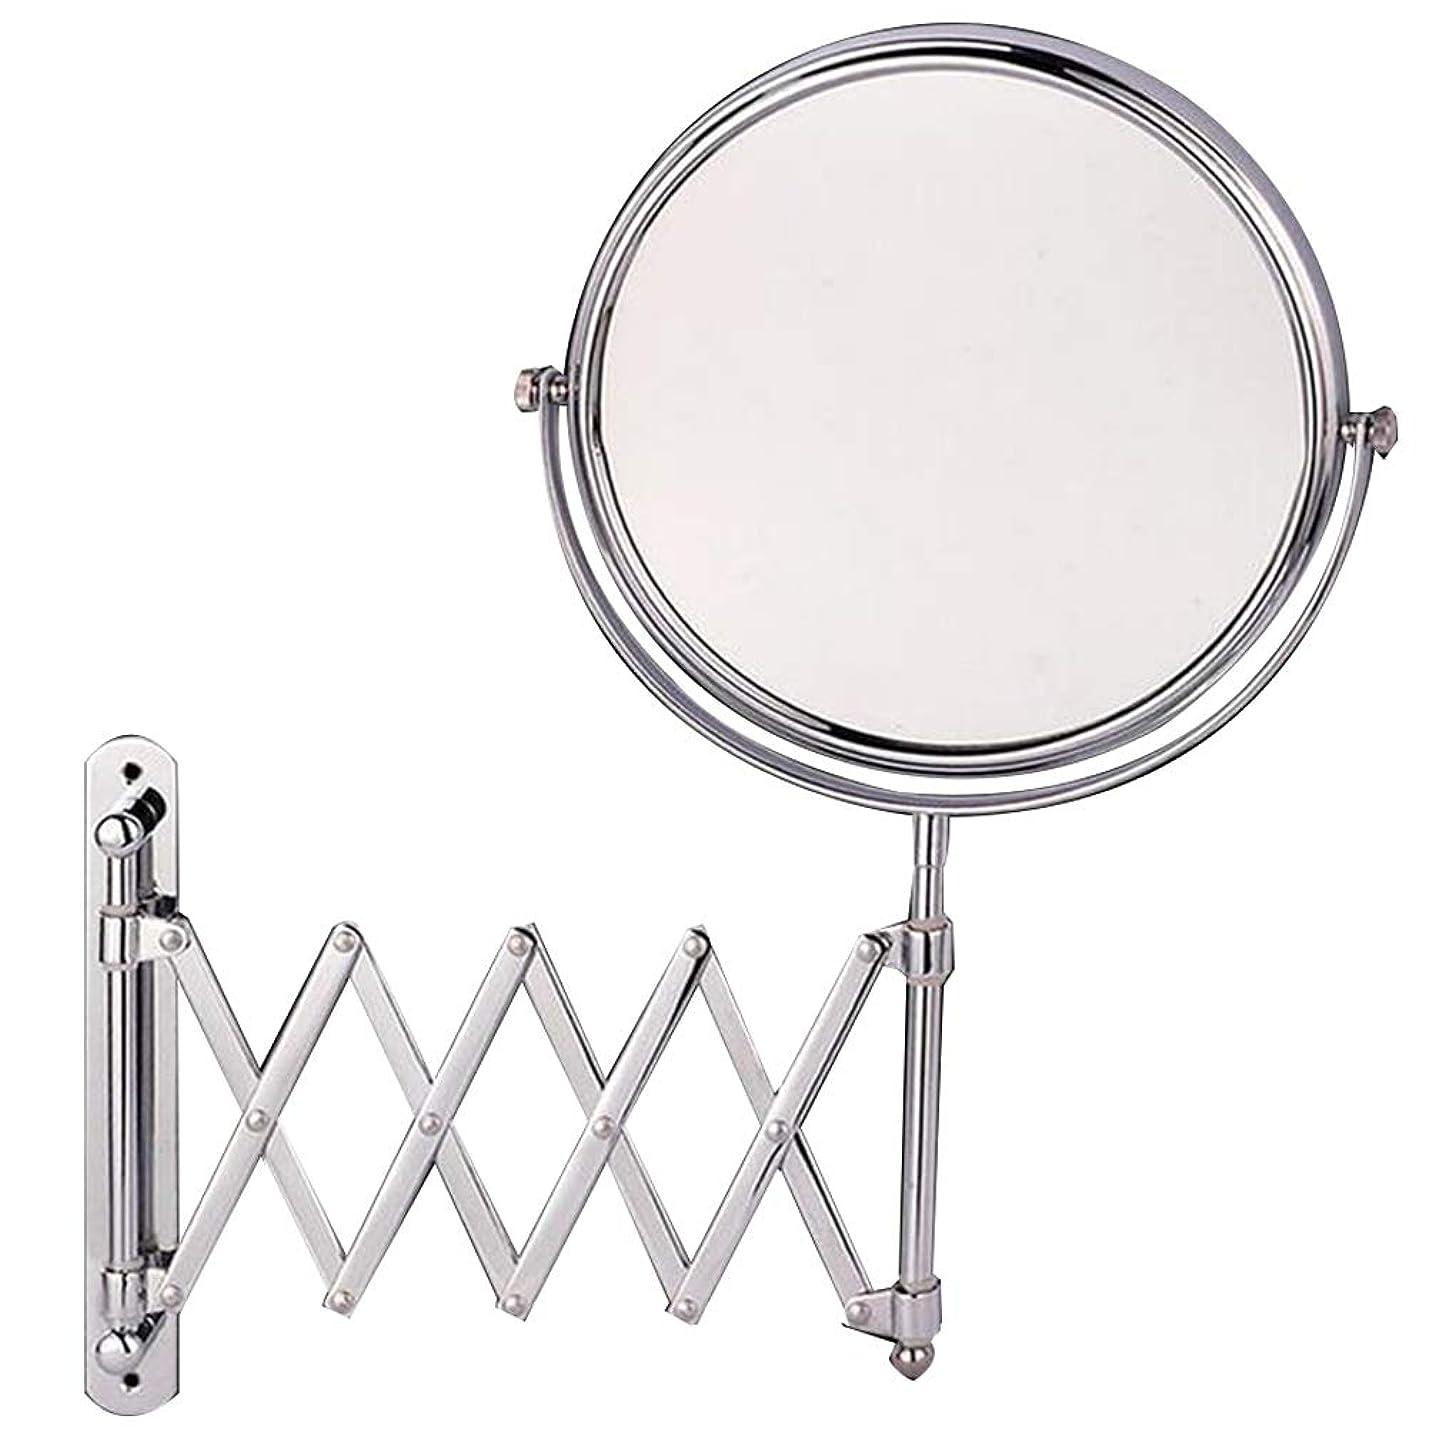 丈夫悔い改め矩形CUUYQ 壁掛け式 化粧鏡、両面 3倍拡大 けメイクミラー 360 °回転 伸縮可能折り 化粧ミラー 8インチステンレススチール,Silver